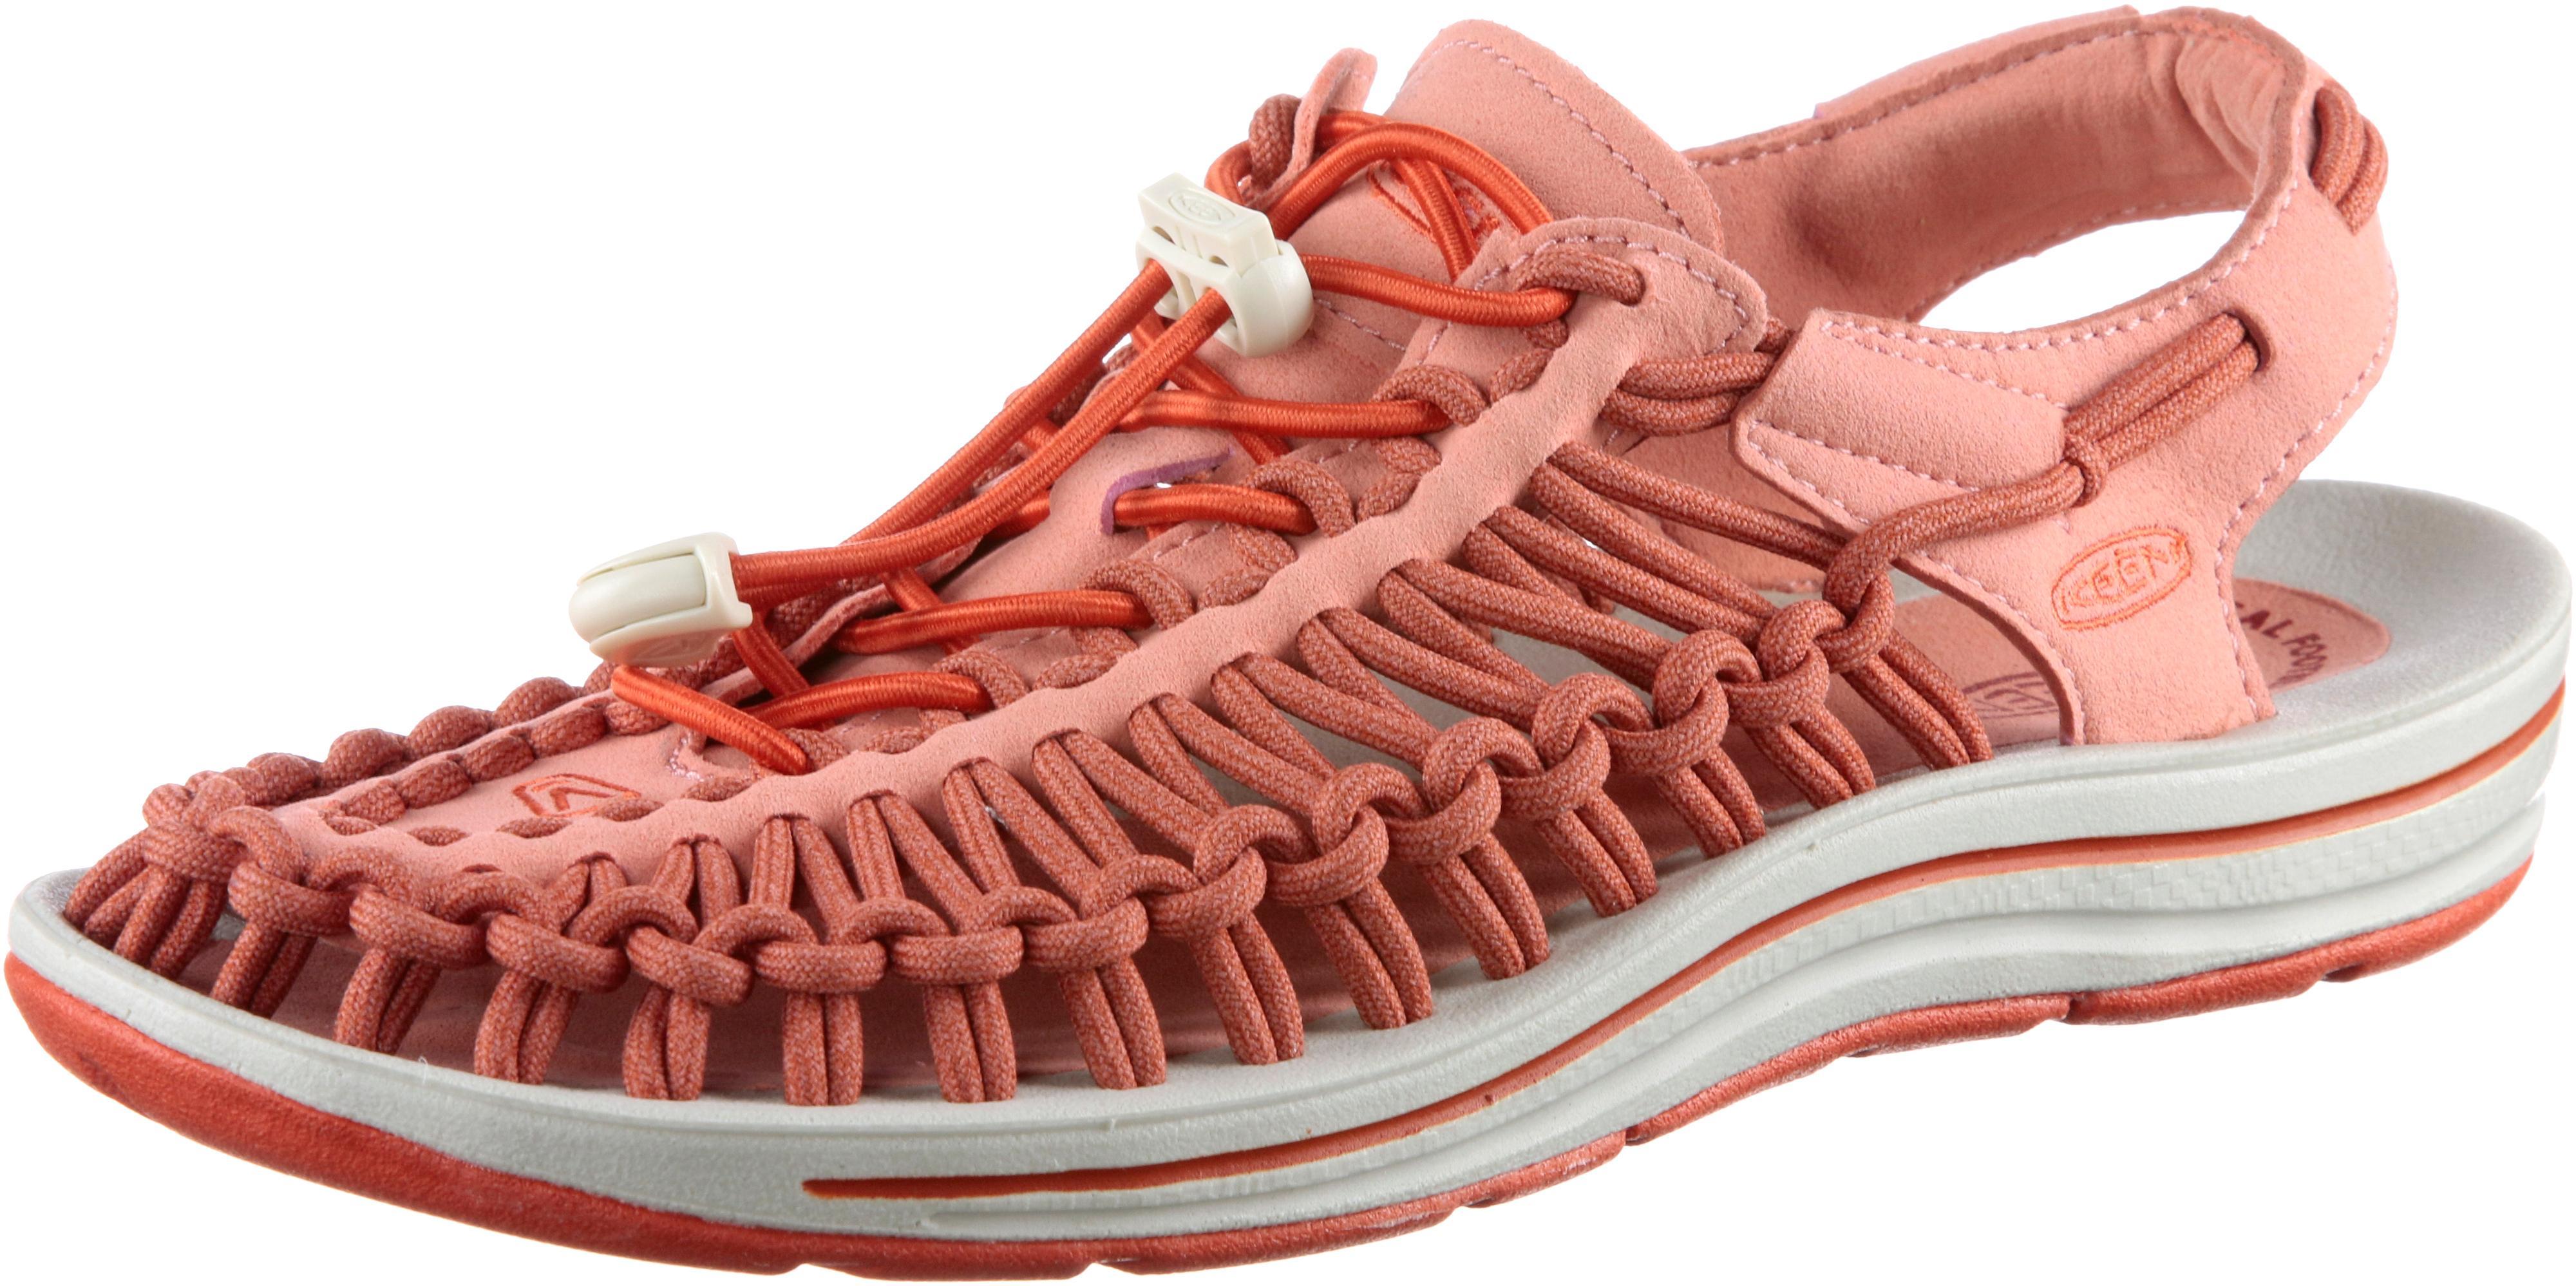 Keen Uneek OutdoorSandale Damen summer fig-crabapple im im im Online Shop von SportScheck kaufen Gute Qualität beliebte Schuhe 488165